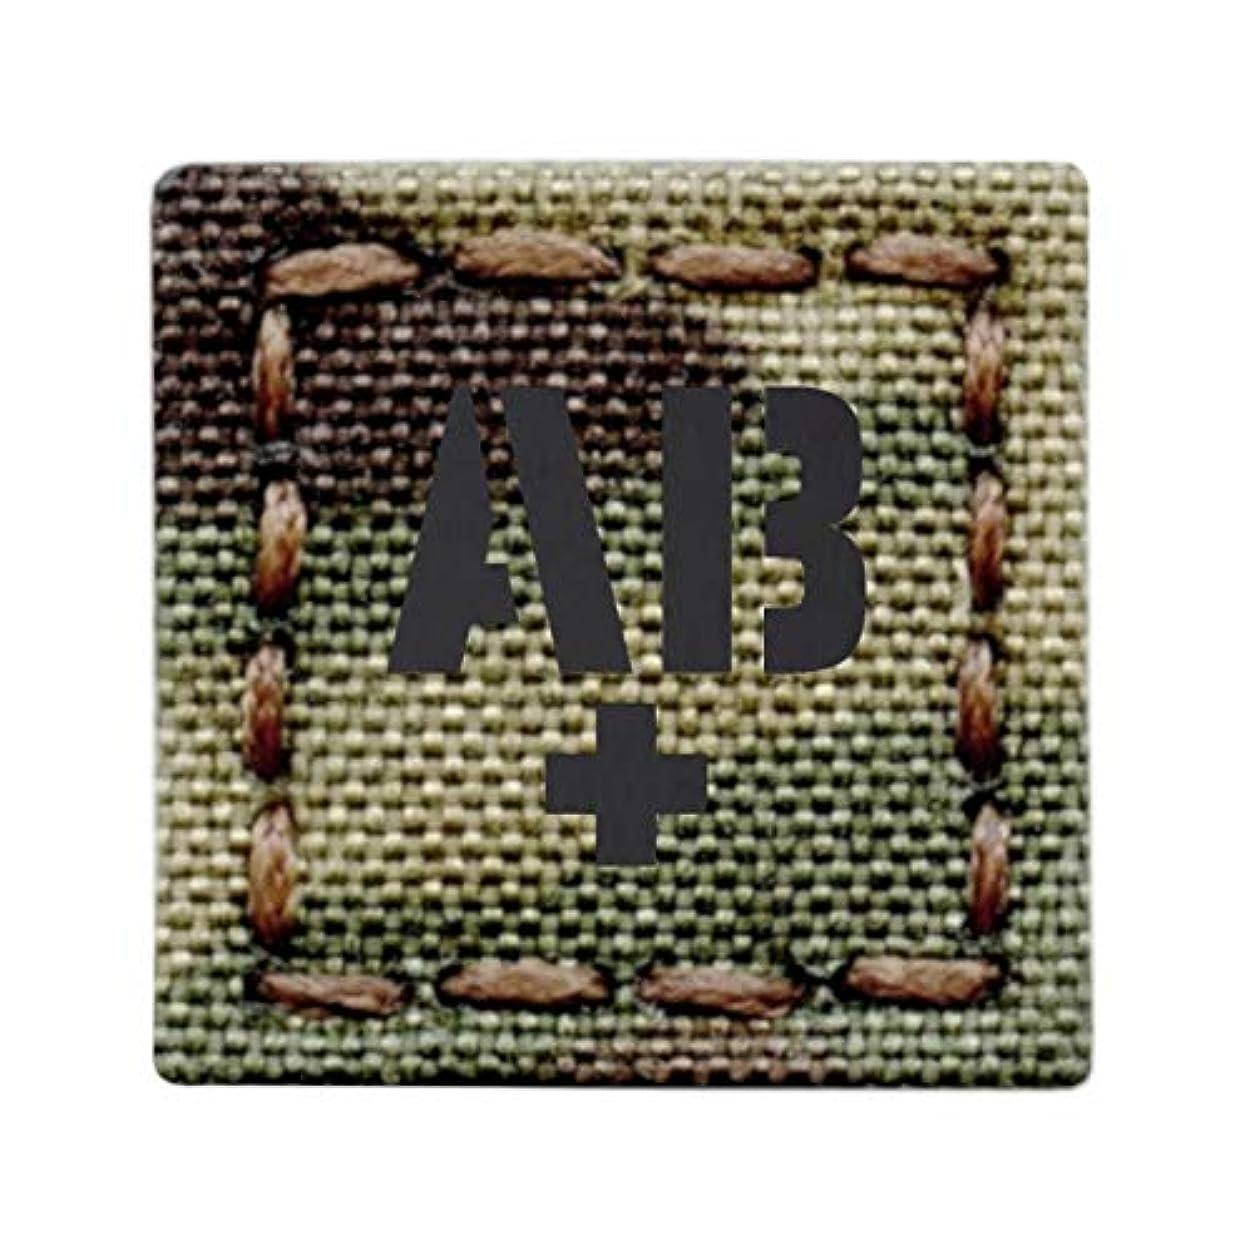 体モール近代化マイクロパッチ 1x1 IR ABPOS AB+ マルチカムブラッドタイプ タクティカル モラール